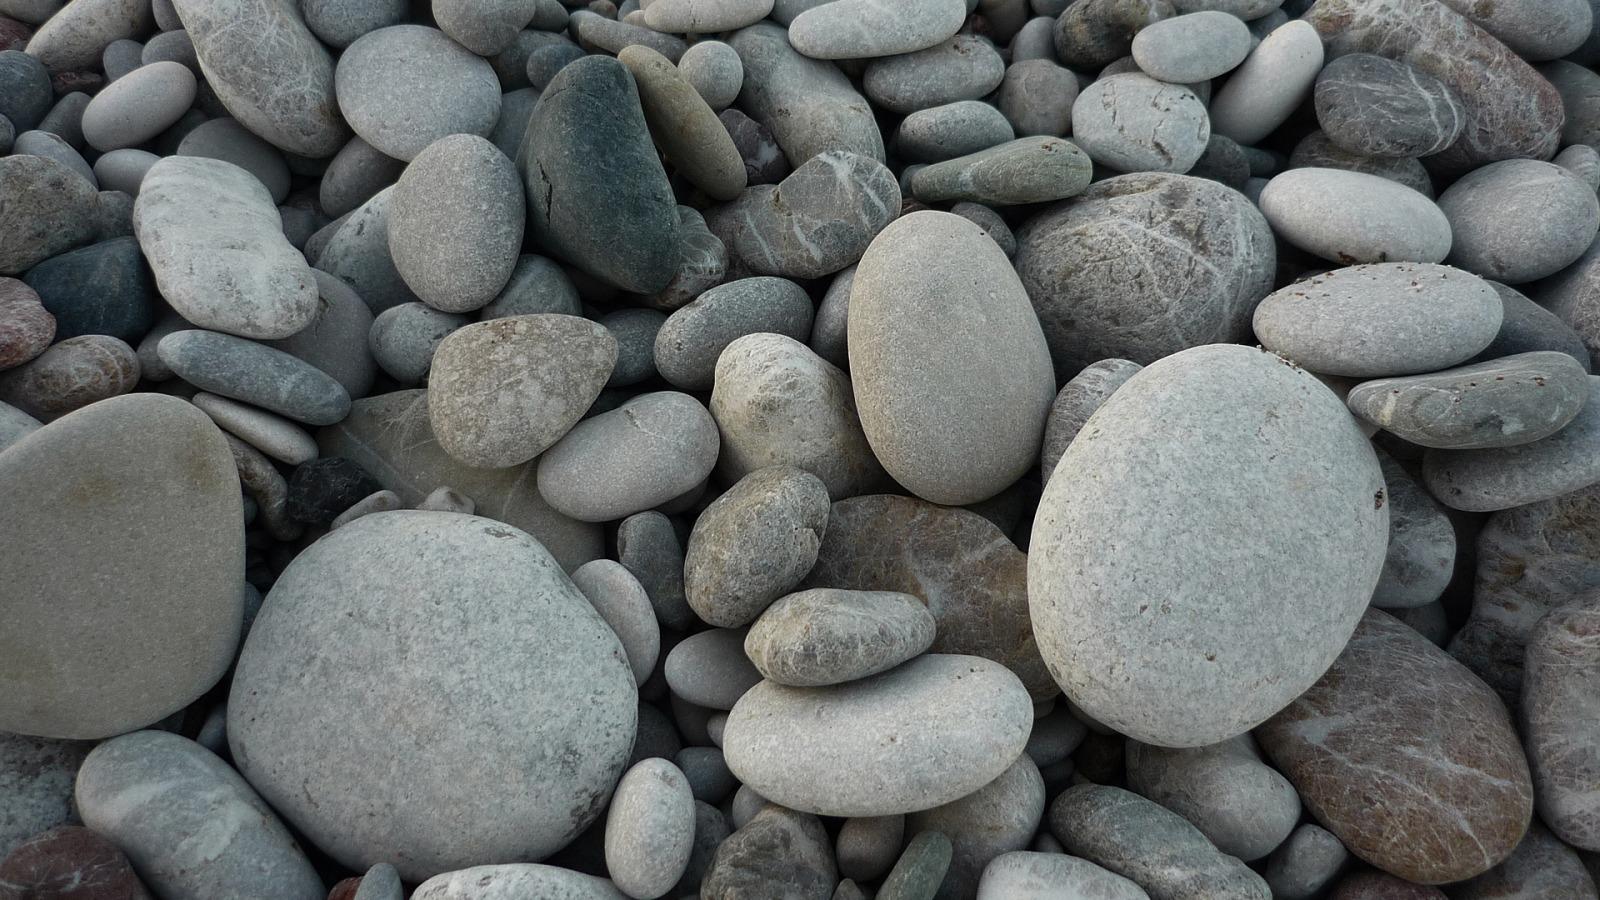 Apuntes de piedras silencio y asociaciones de ideas - Hacer pared de piedra ...